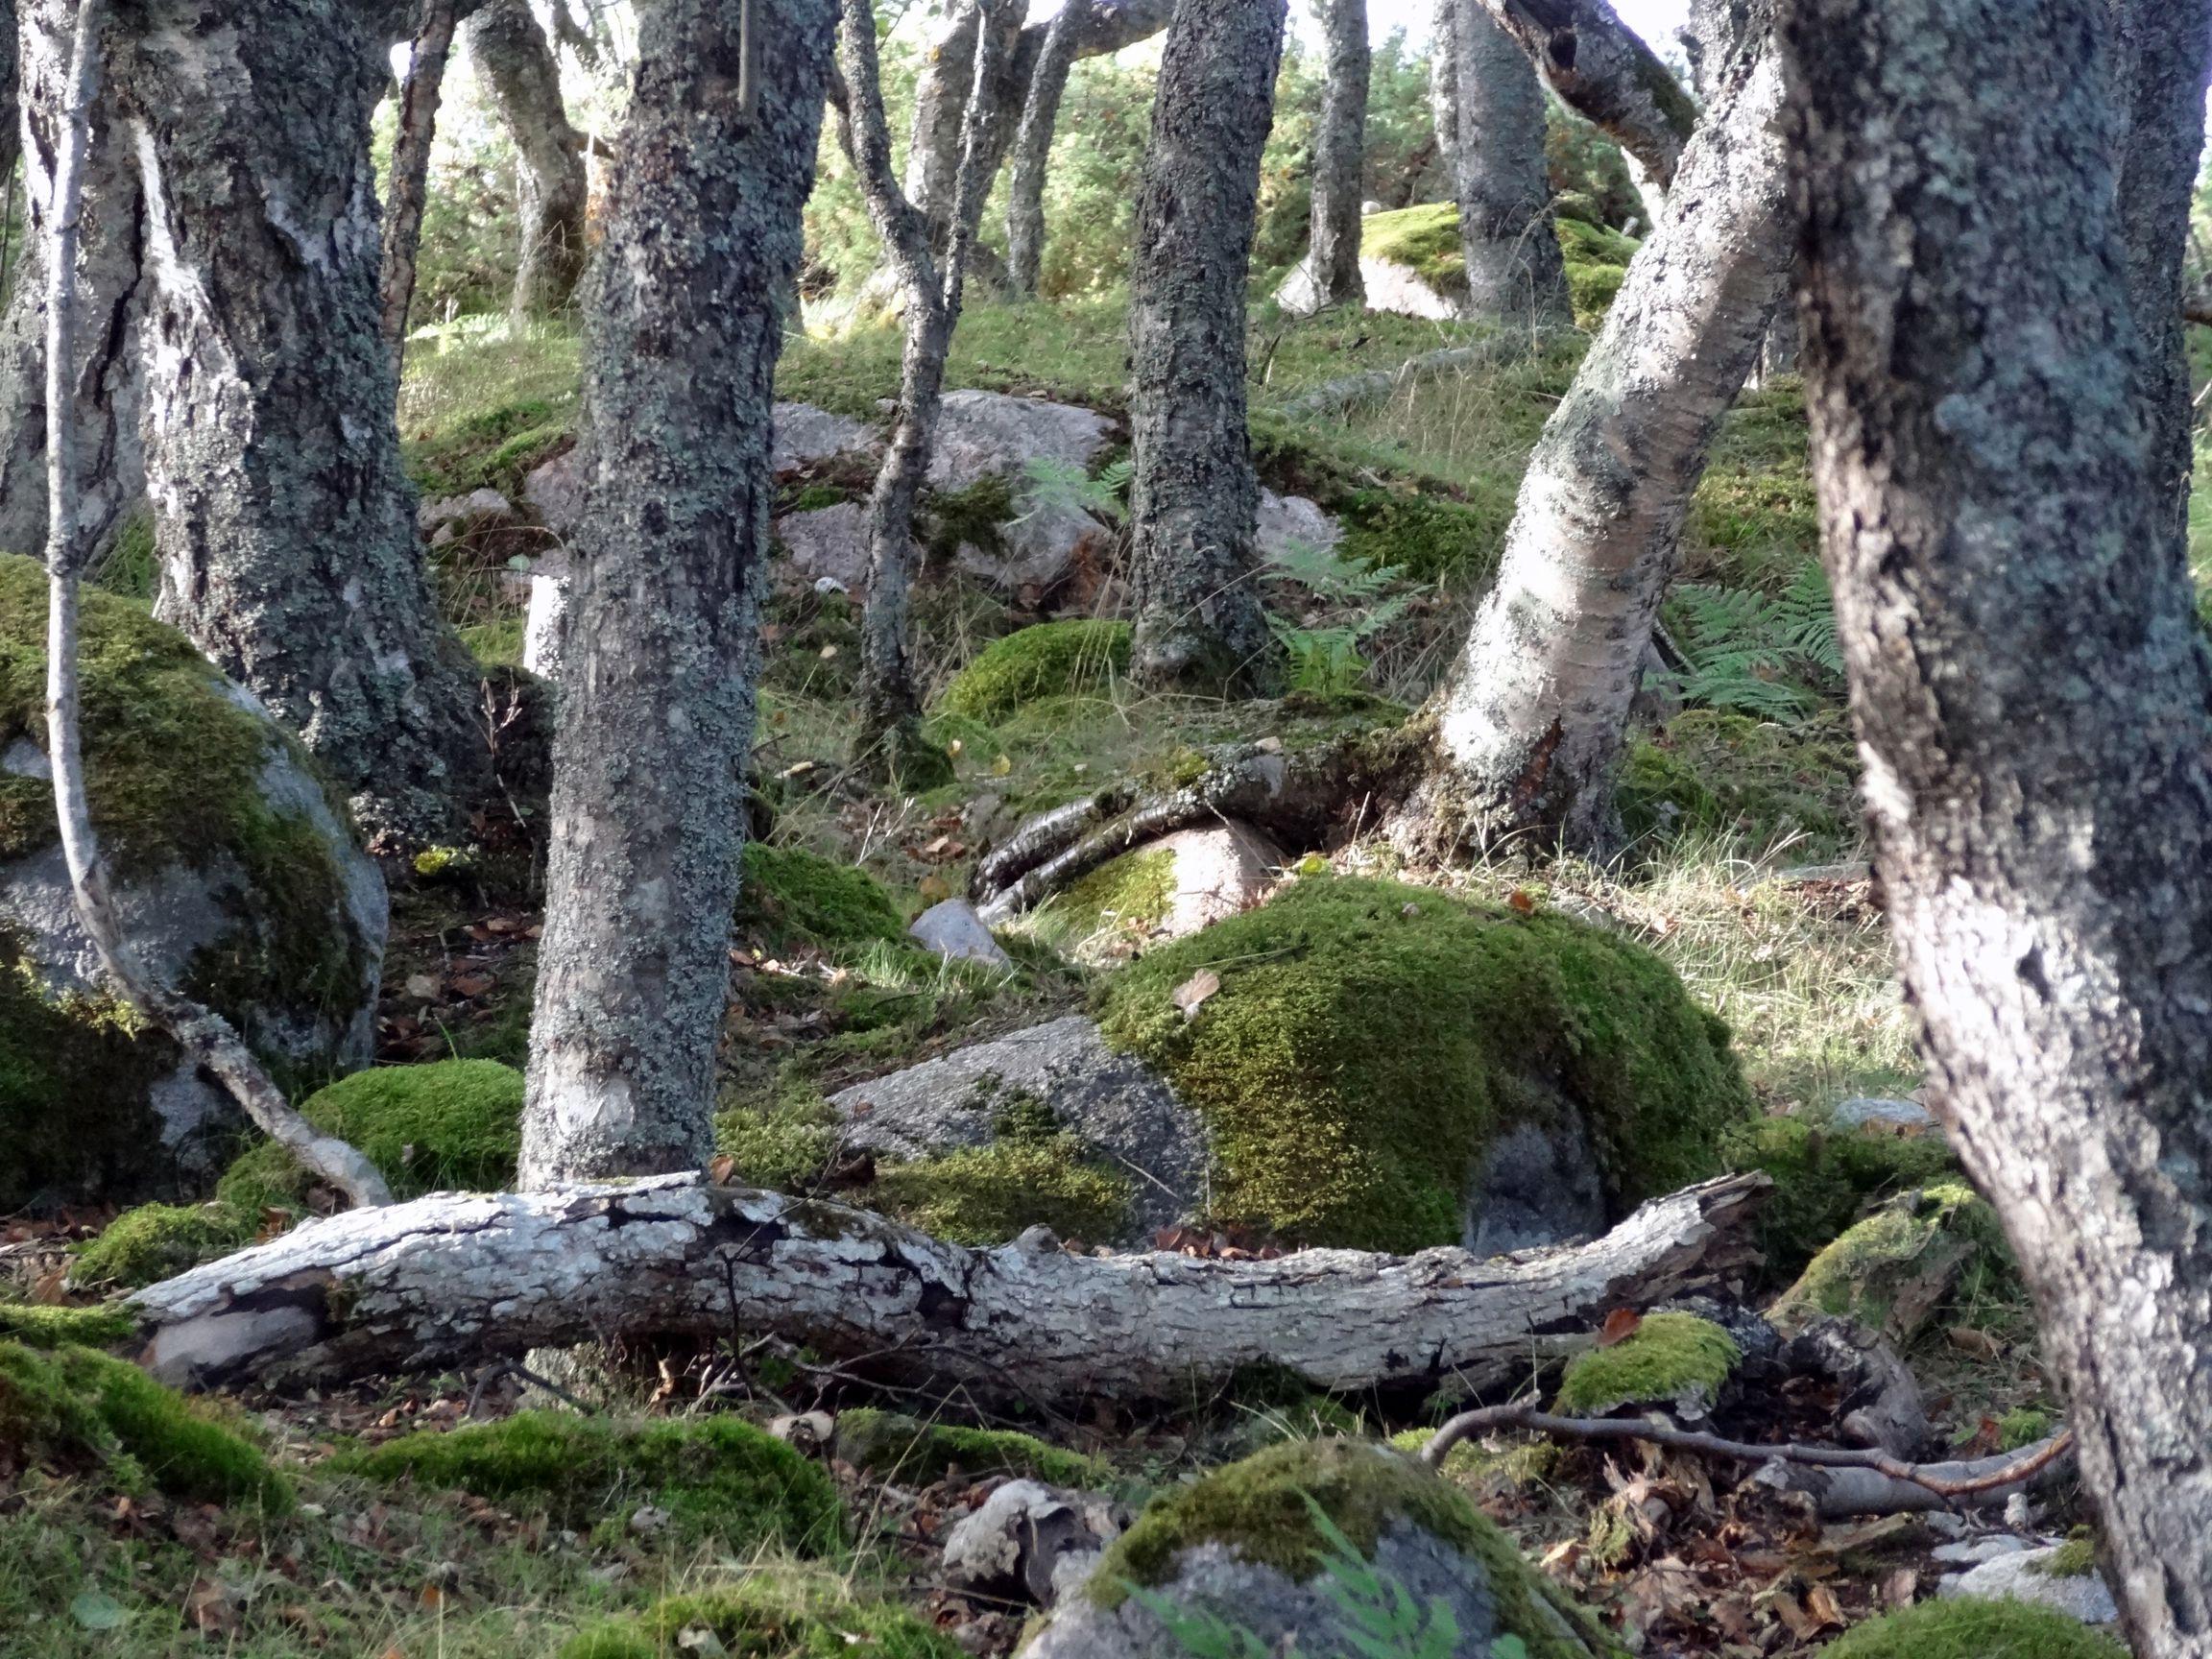 Waldweg mit versteckten Wegweisern